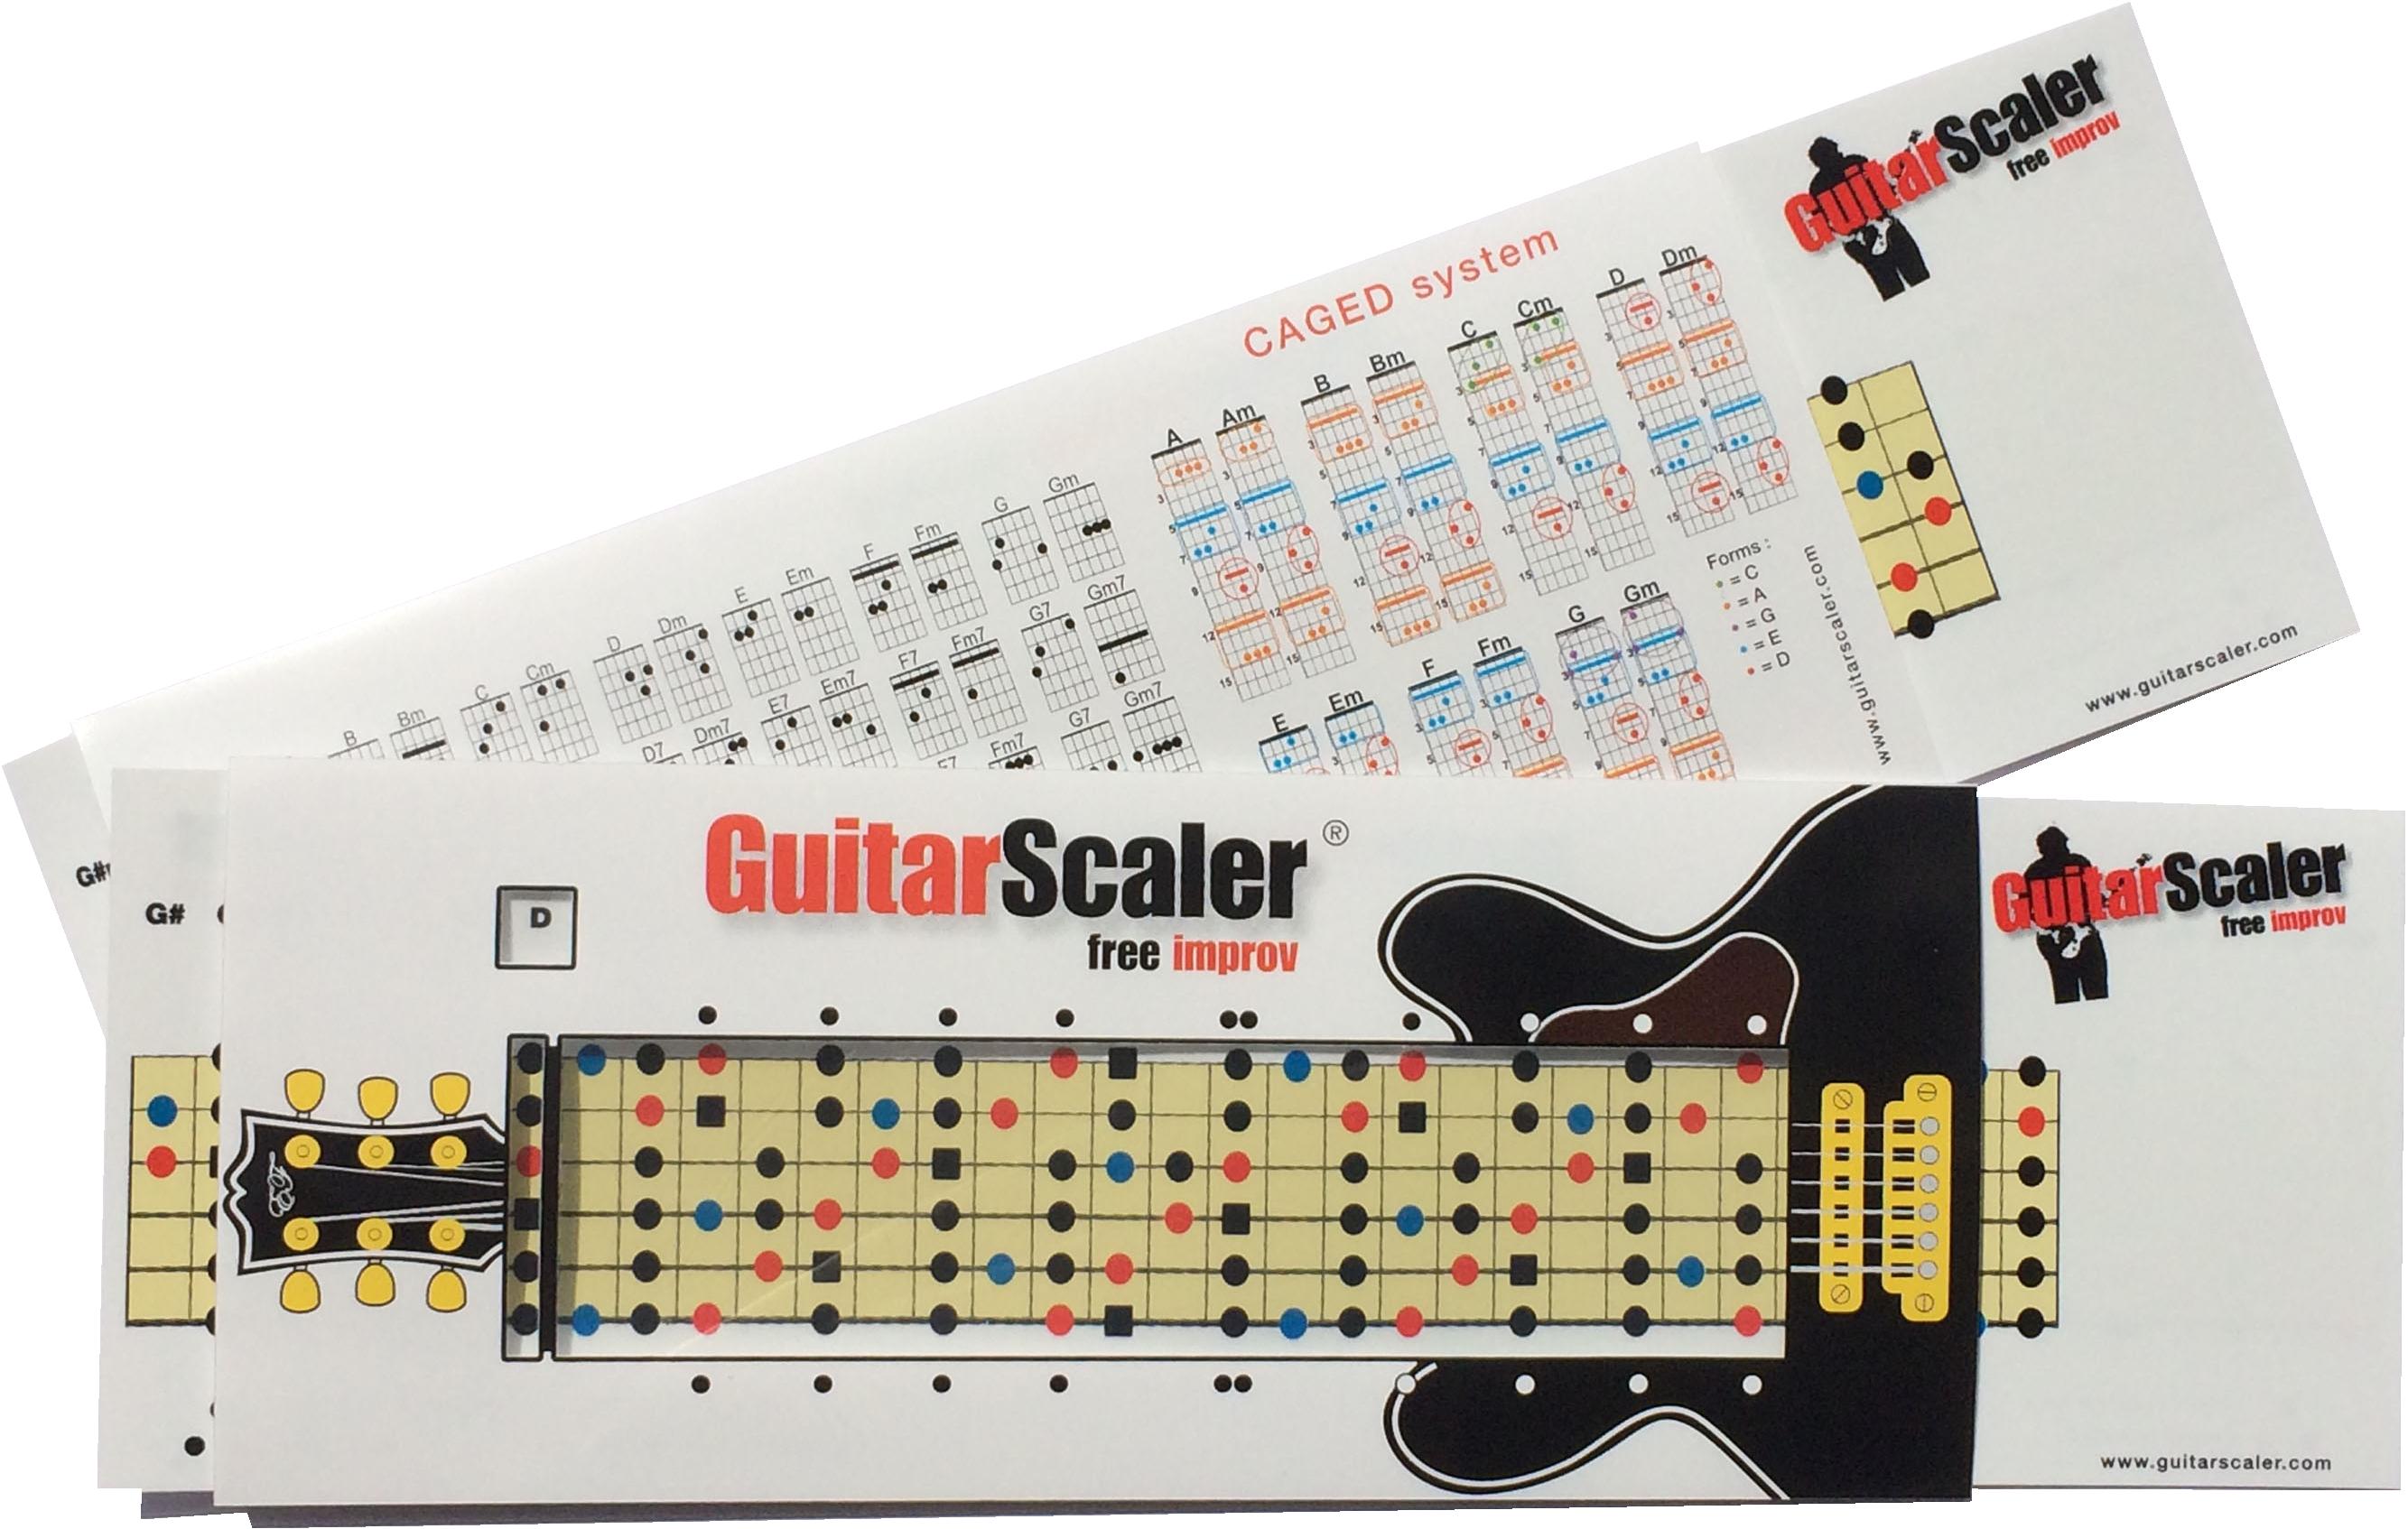 GuitarScaler